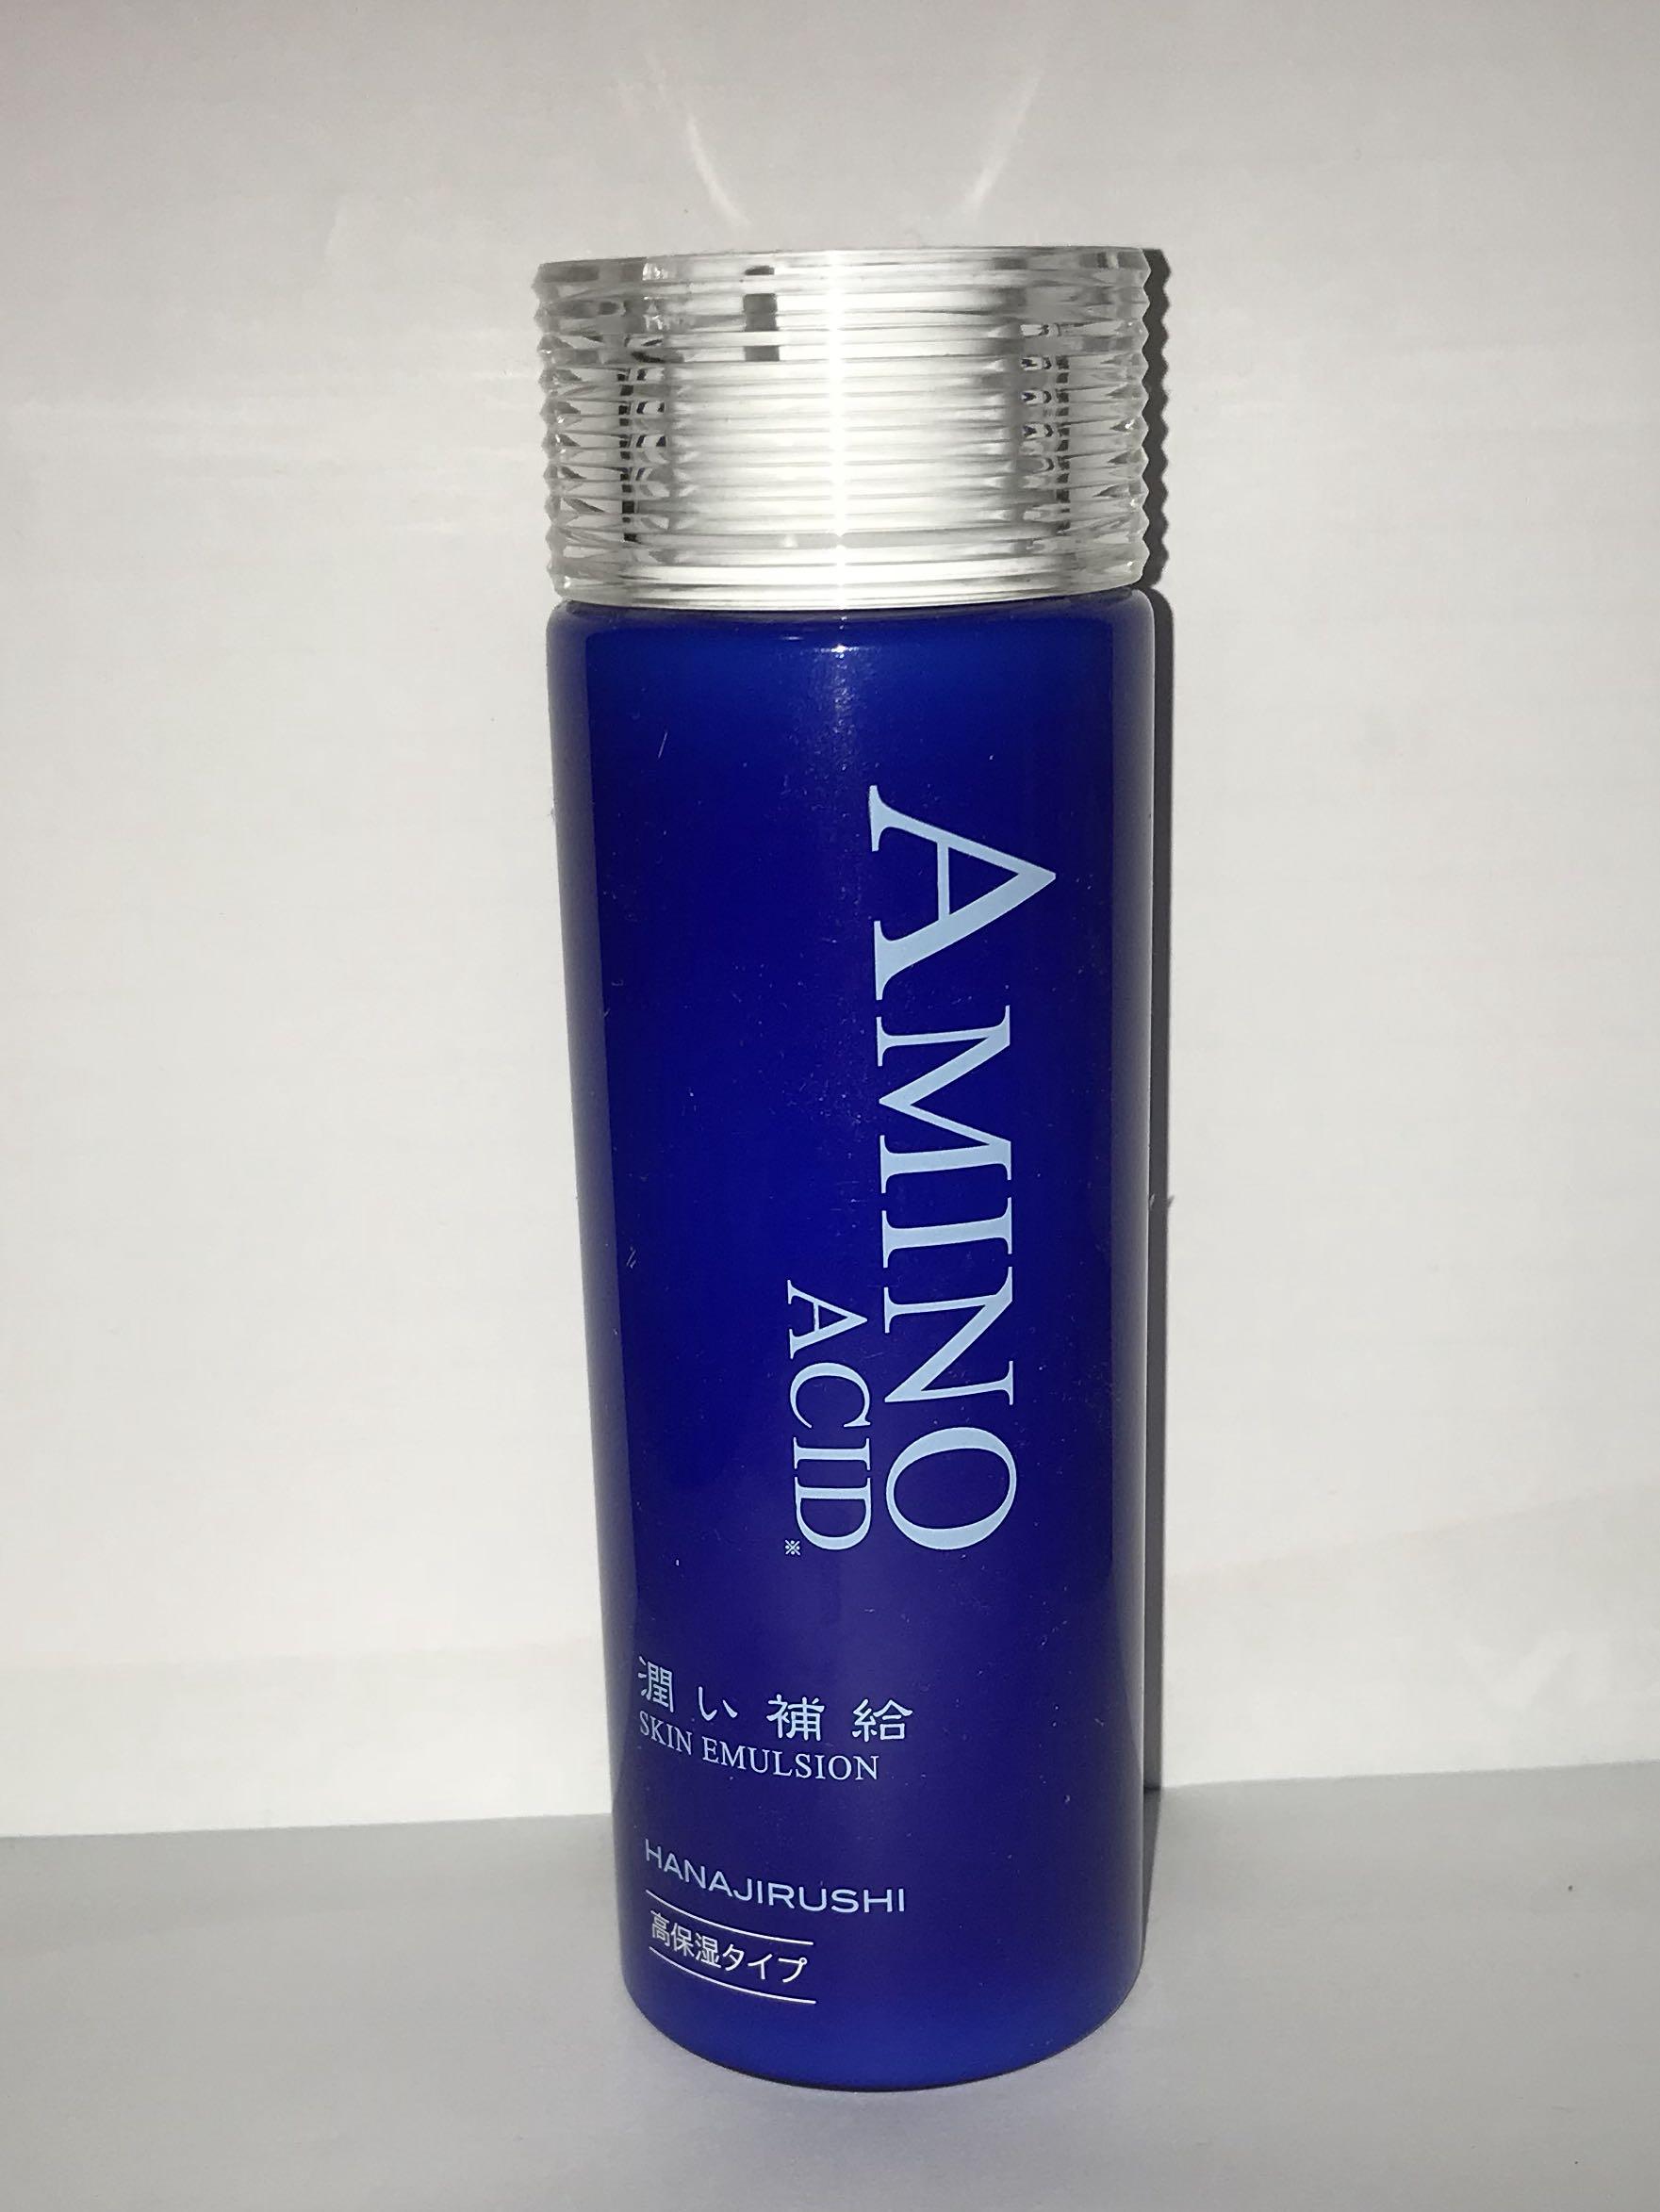 Amino acid Skin emulsion